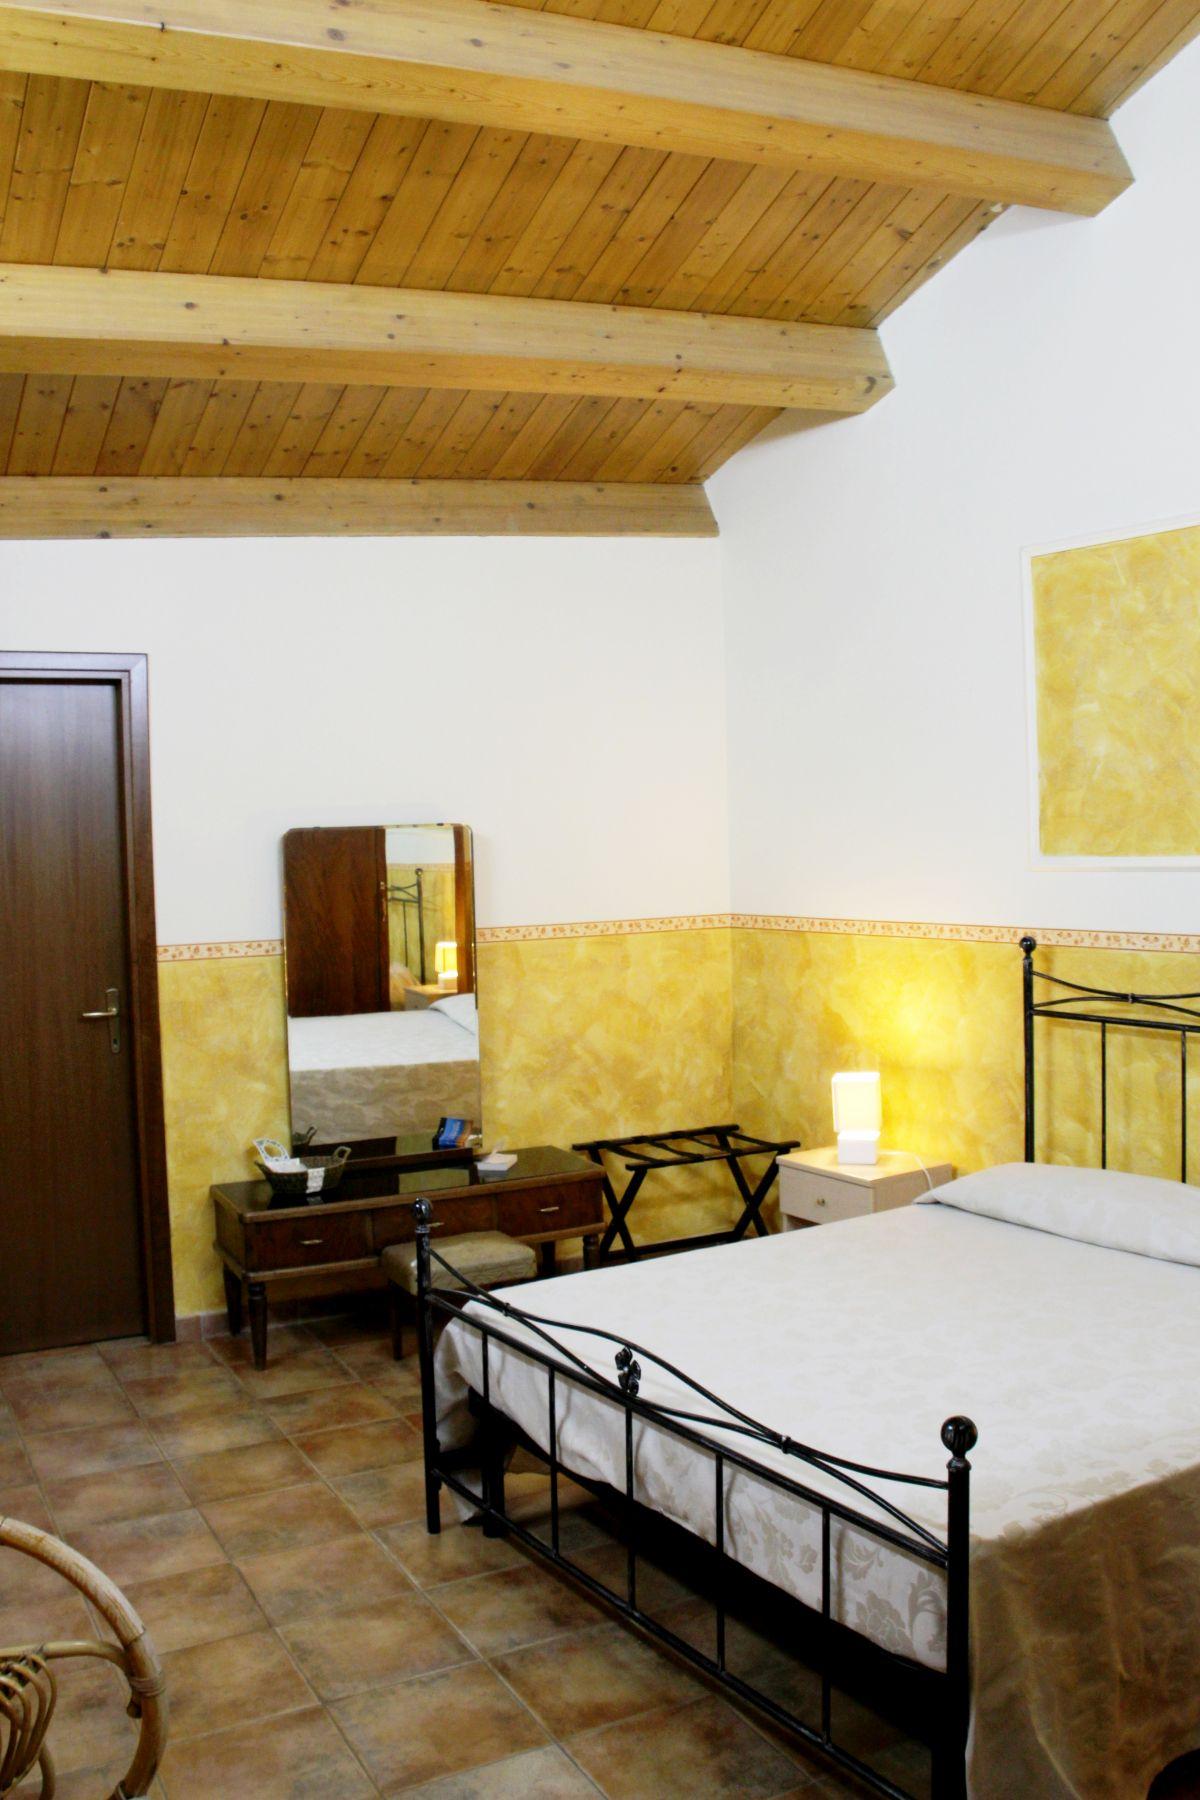 galleria immagini-hostel-il-tetto-ostello-alloggio-camera-vacanza-dormire-melfi-potenza-basilicata (56)